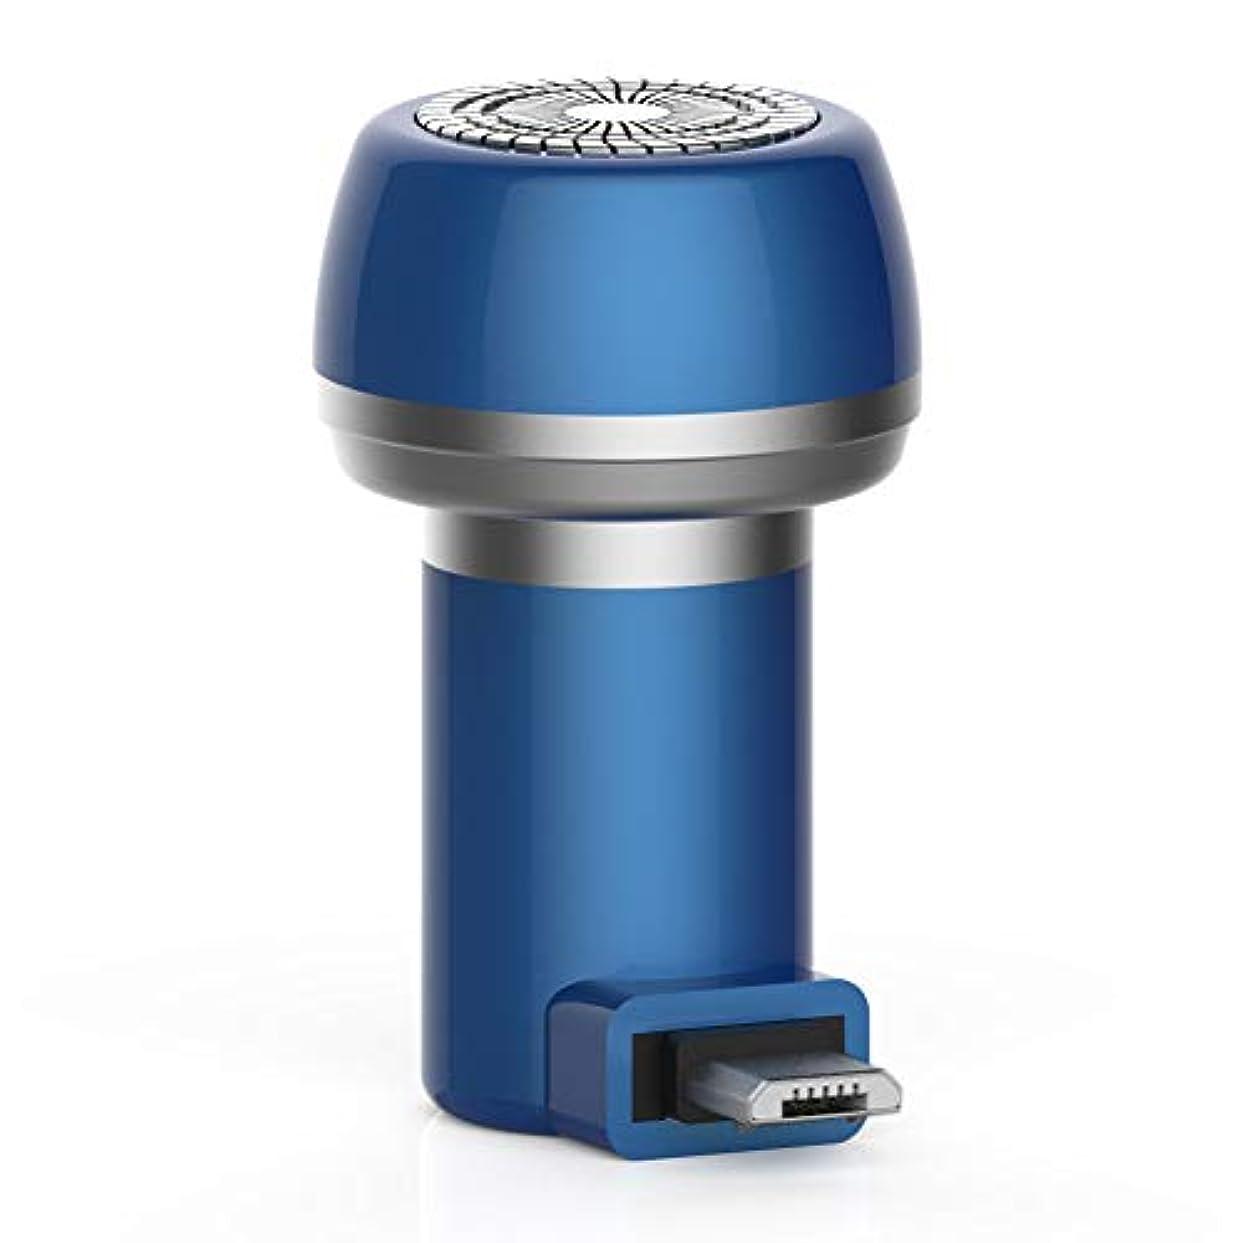 自動車頻繁に習字Beaurtty 2 1磁気電気シェーバーミニポータブルType-C USB防水剃刀